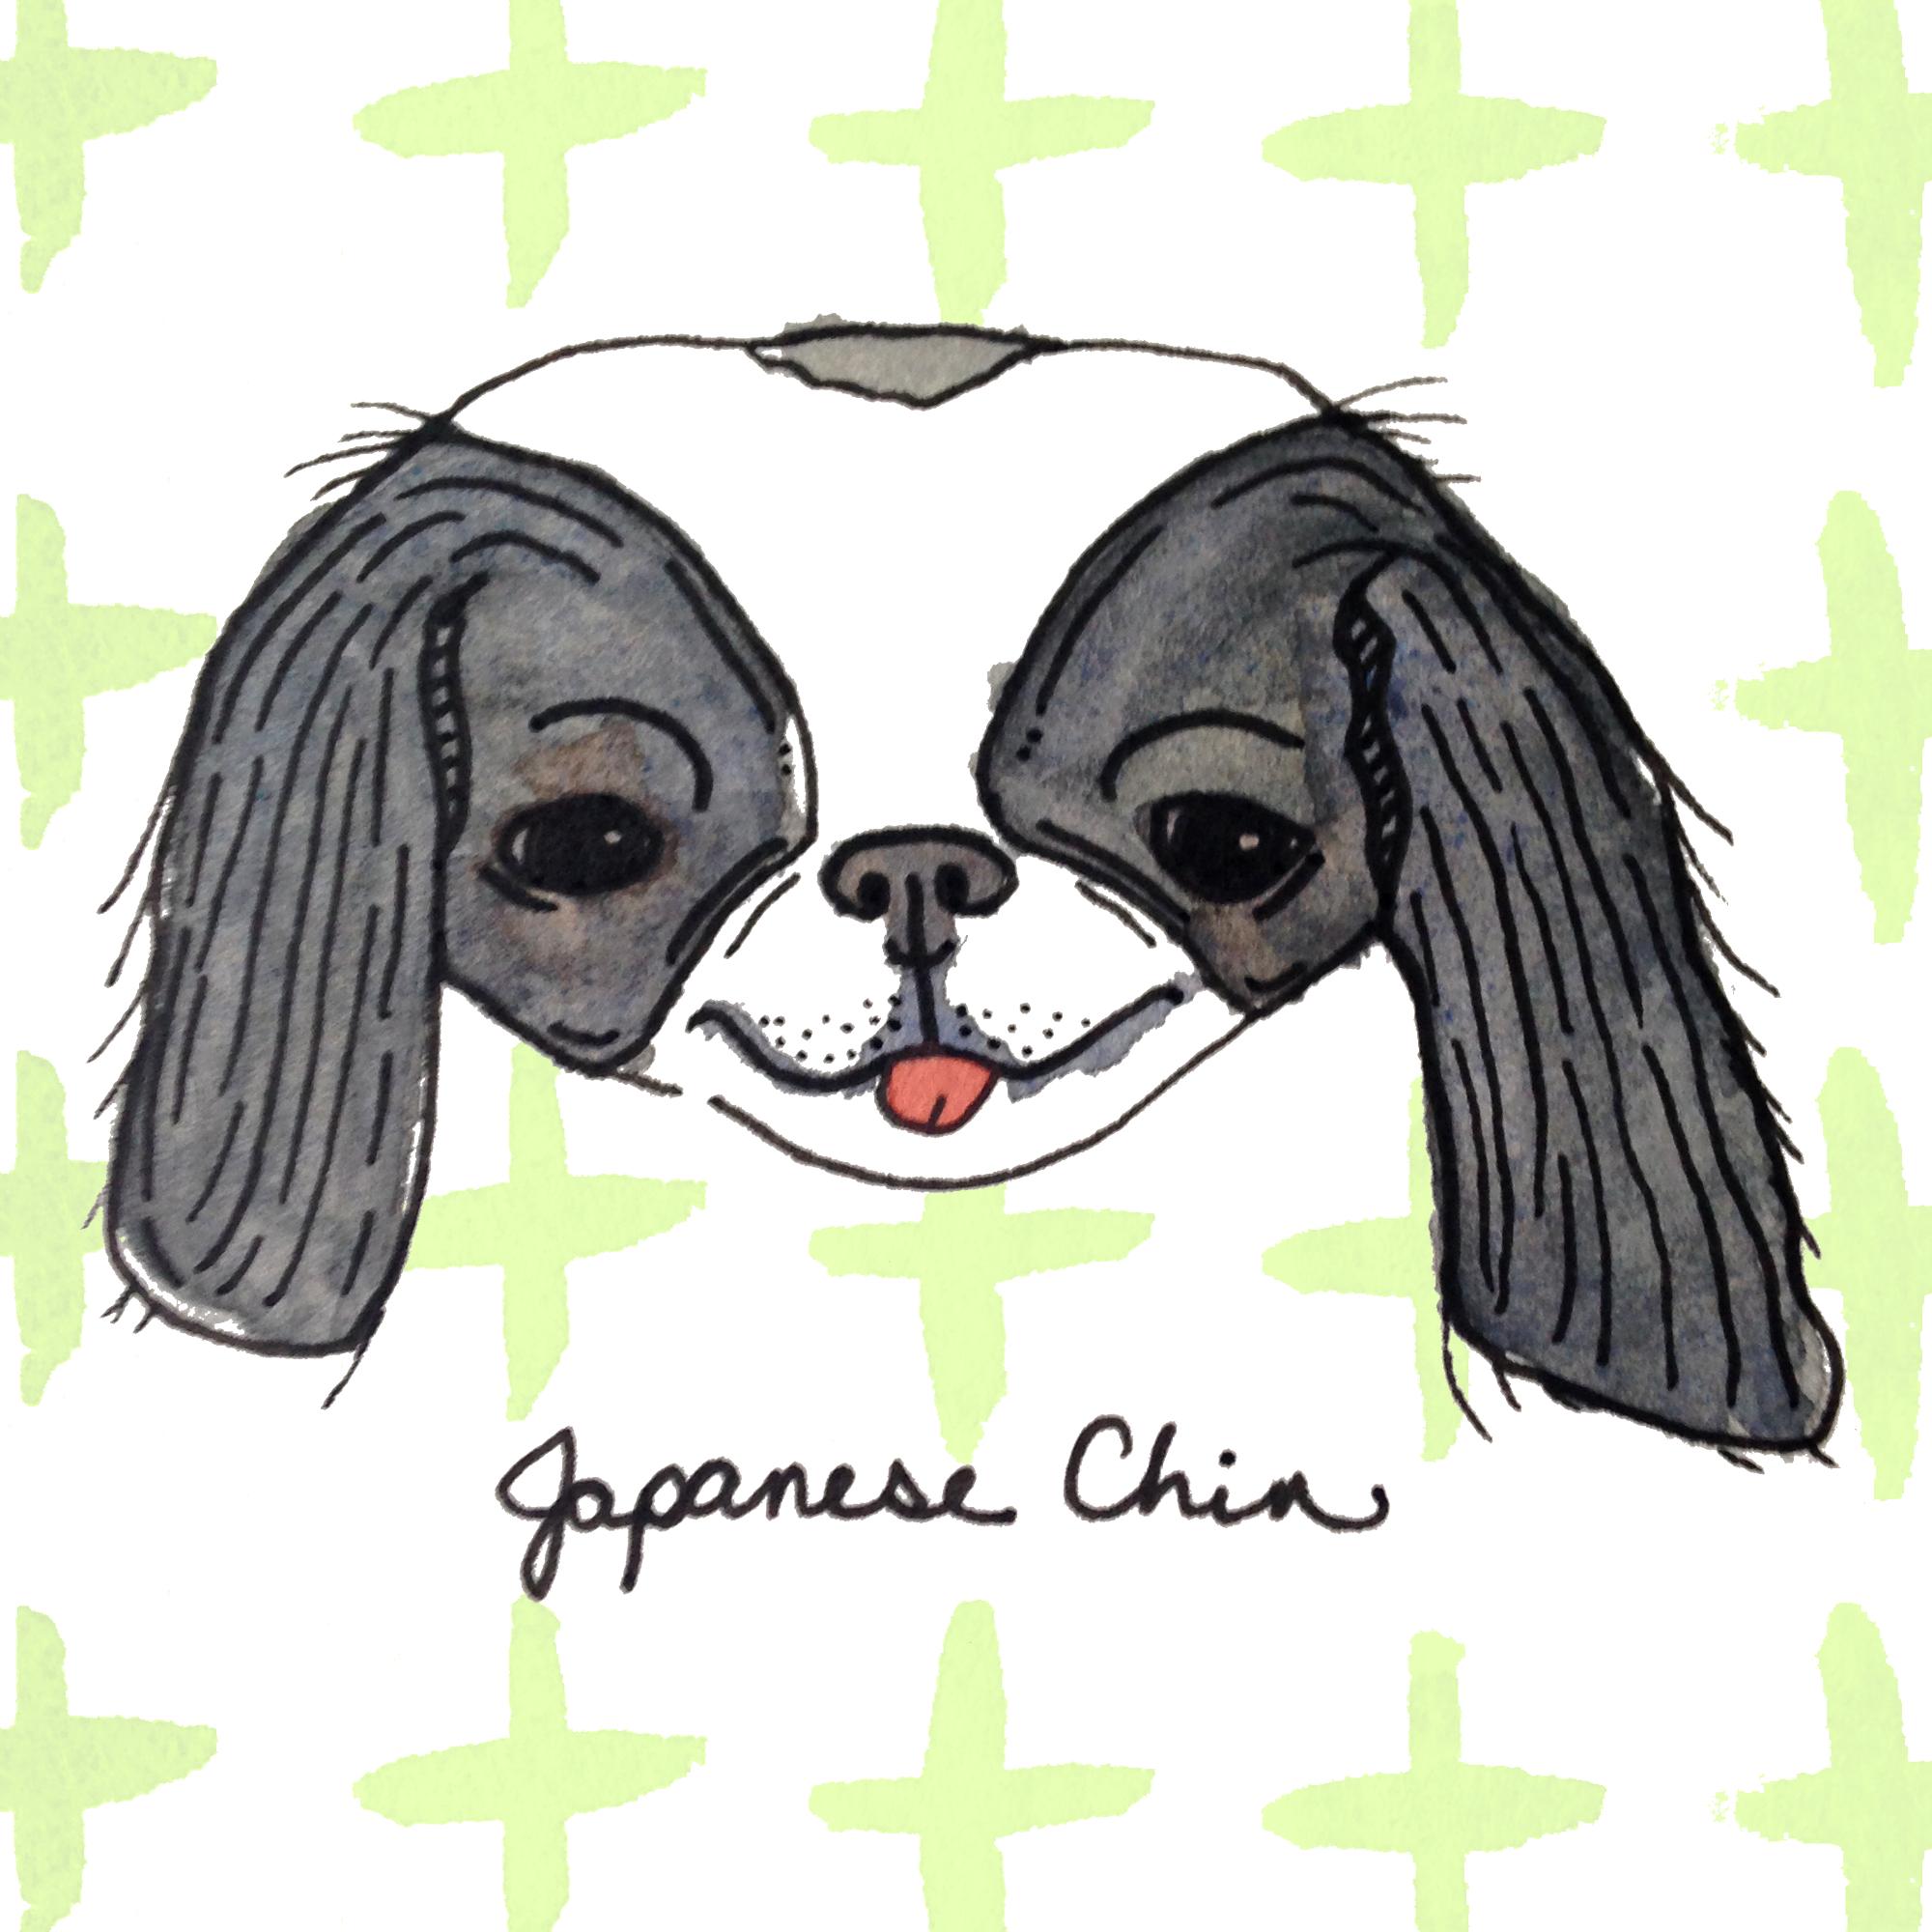 JapaneseChin.png